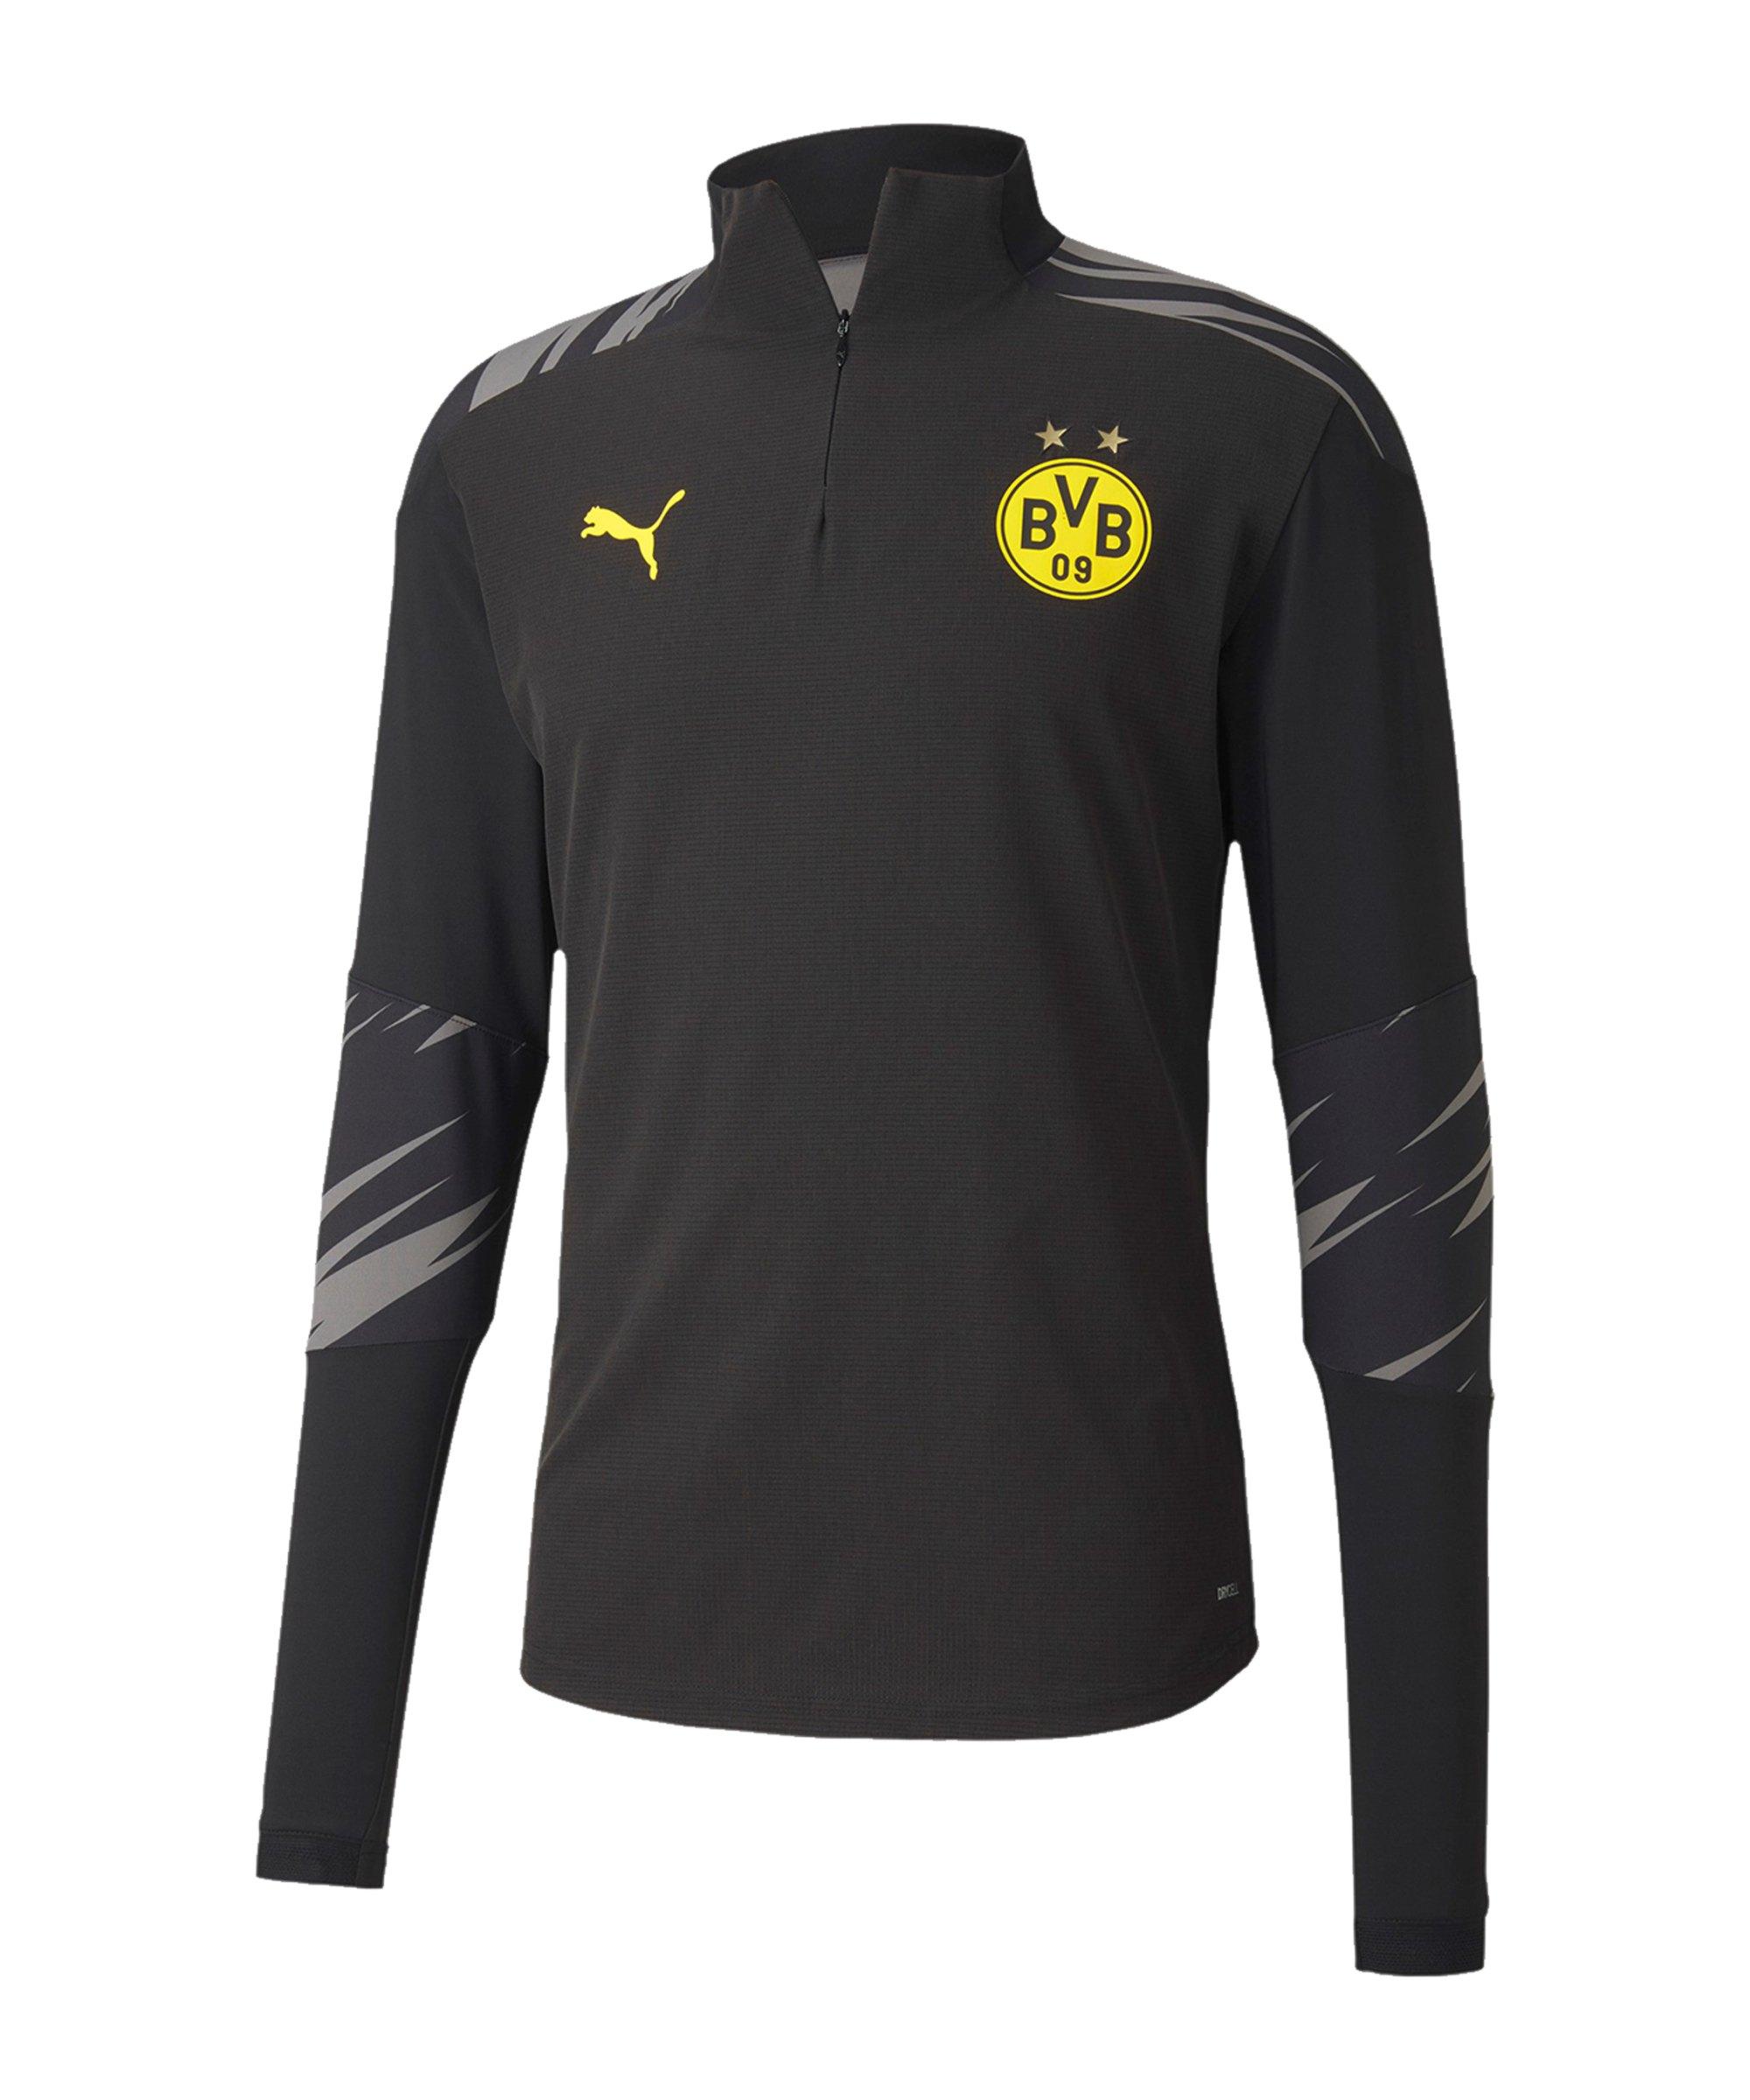 PUMA BVB Dortmund Stadium 1/4 Ziptop Schwarz F02 - schwarz